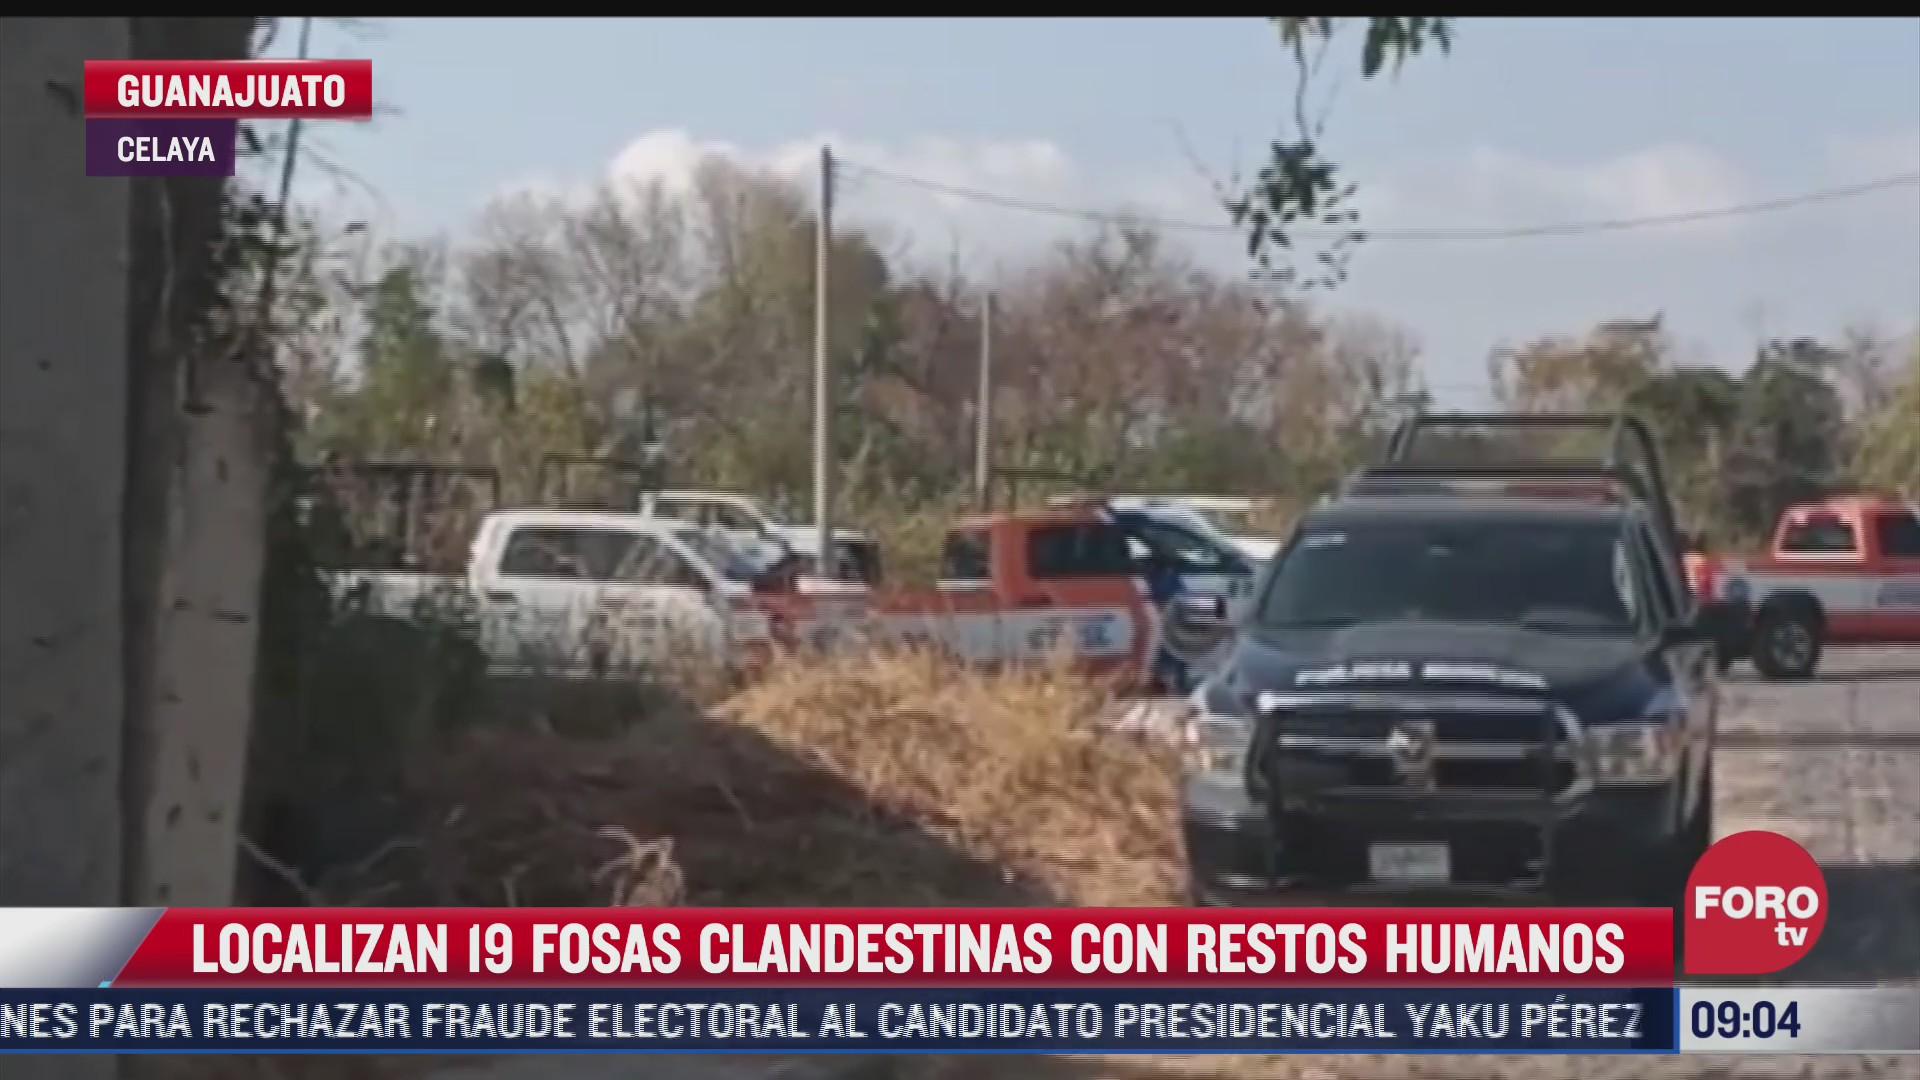 localizan 19 fosas clandestinas en celaya guanajuato